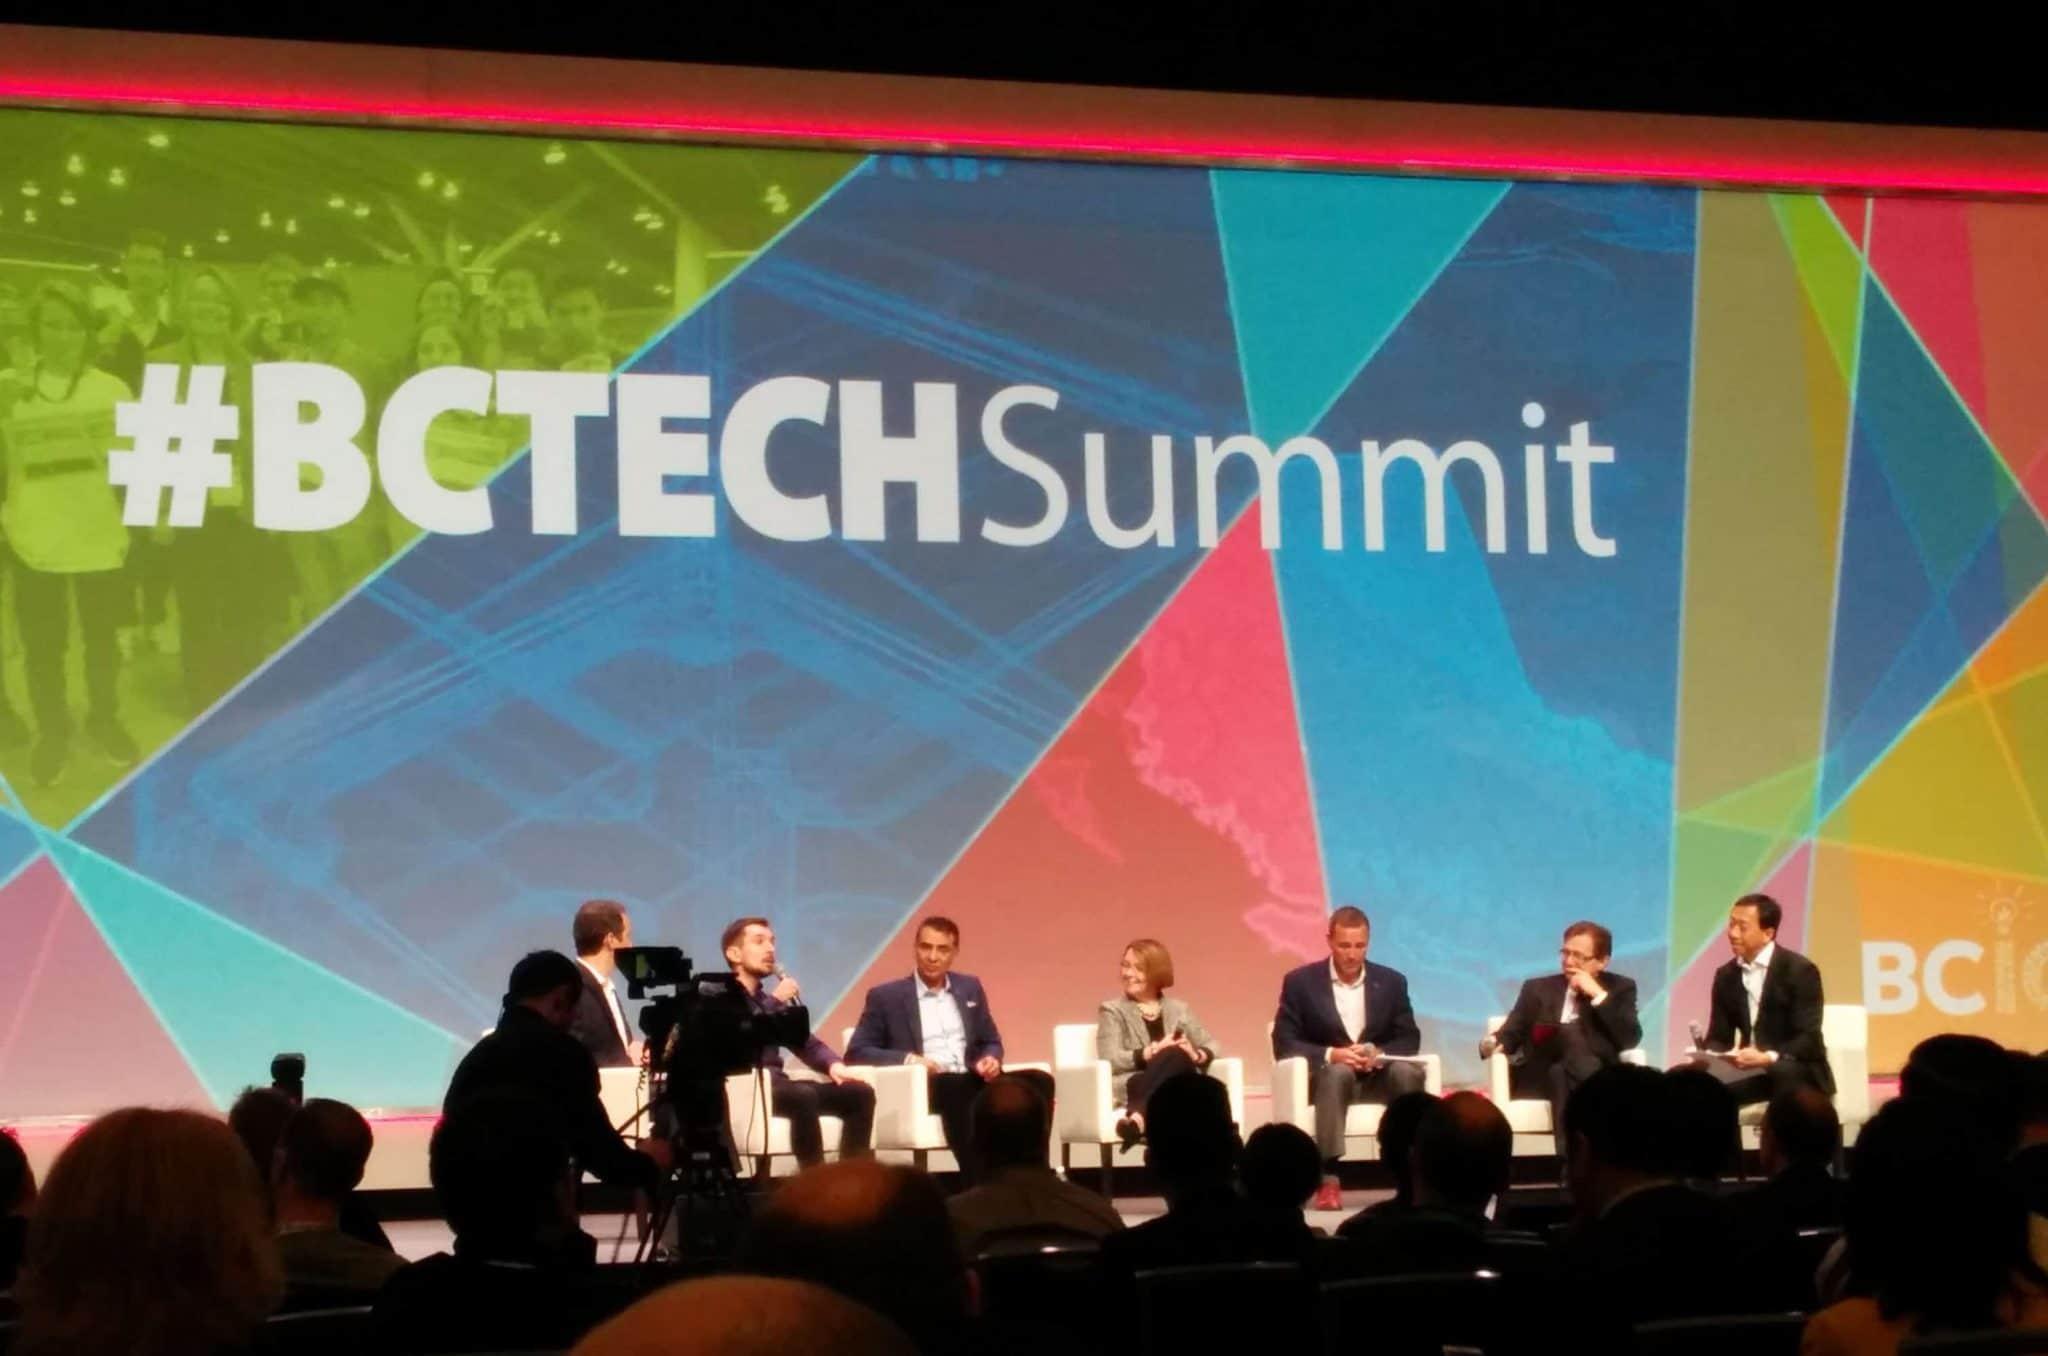 BCTECH Summit